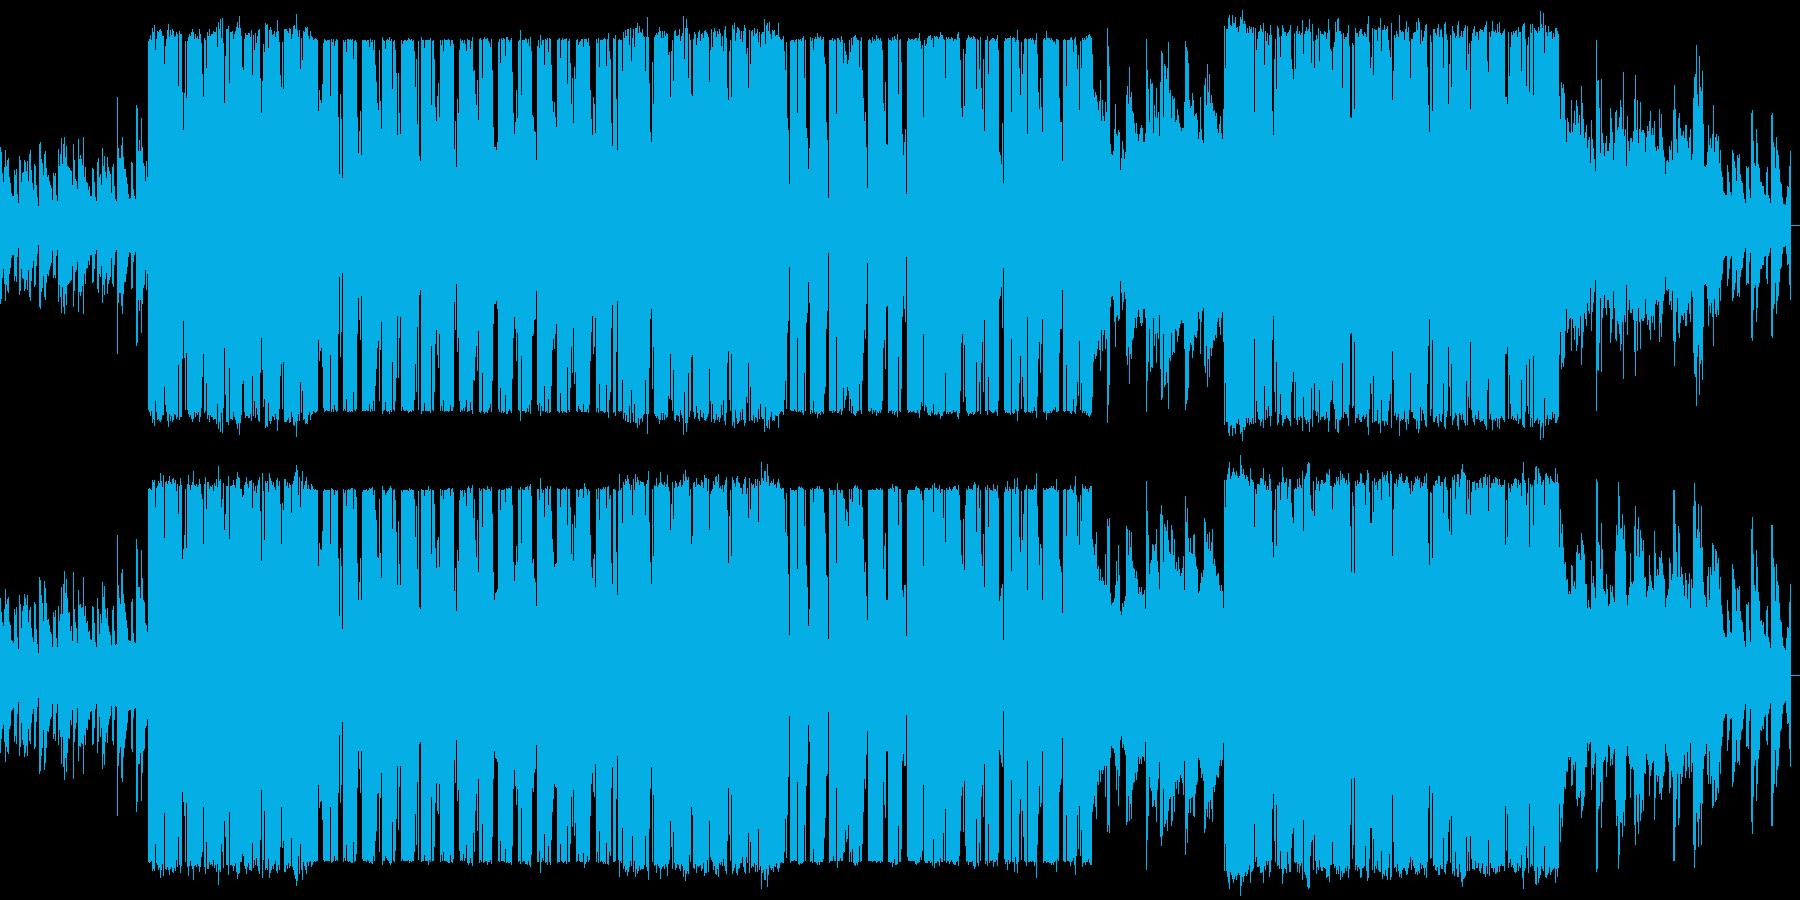 【歌モノ男】アコギのラブバラード調の再生済みの波形